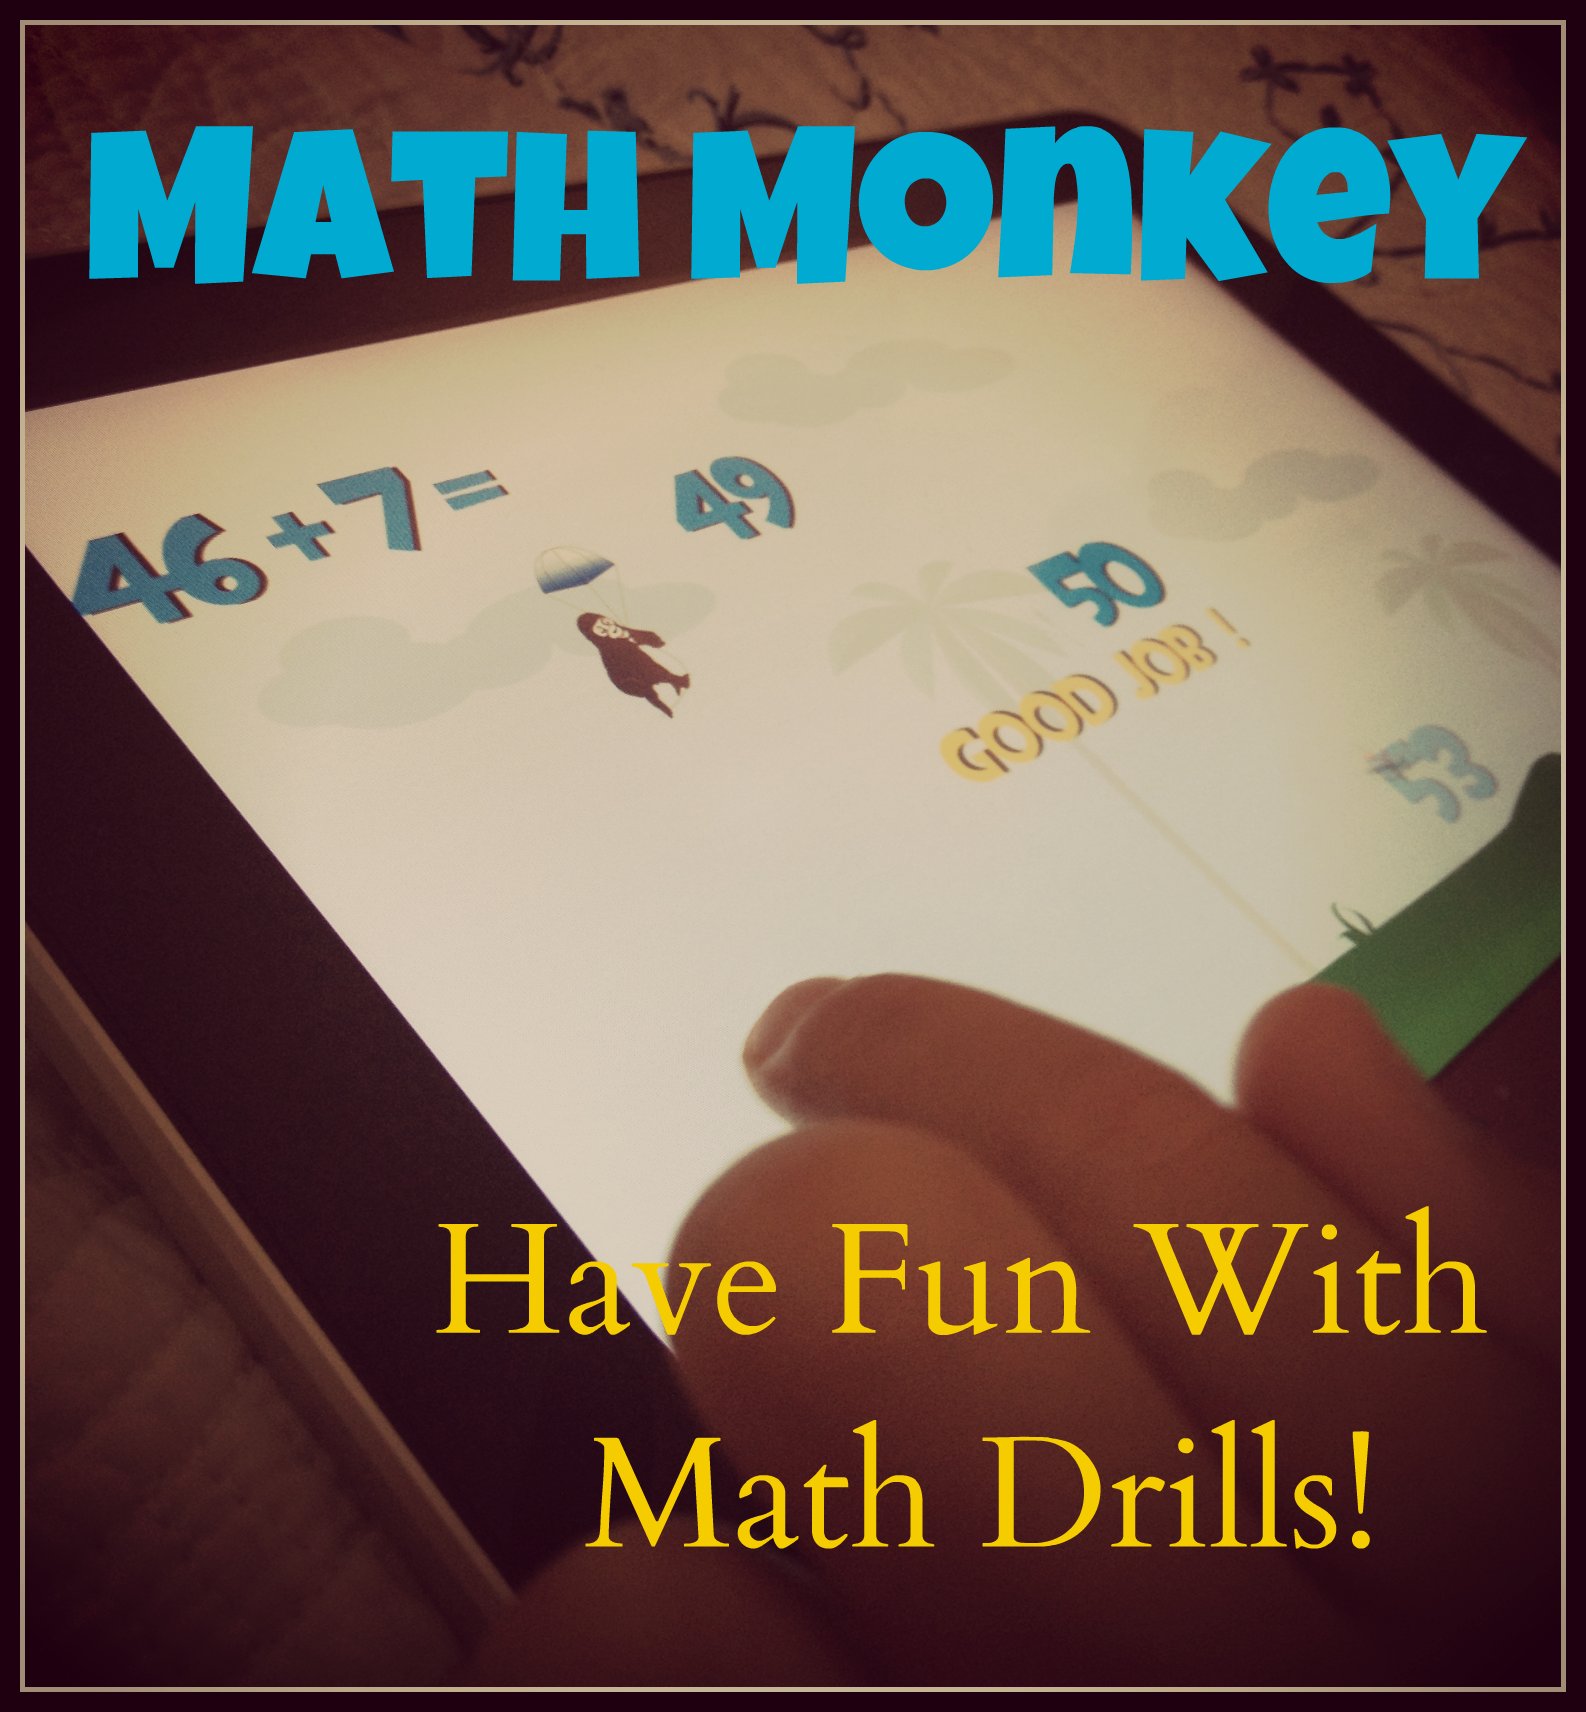 Make Math Drills Fun With Math Monkey | Math, Monkey and Homeschool